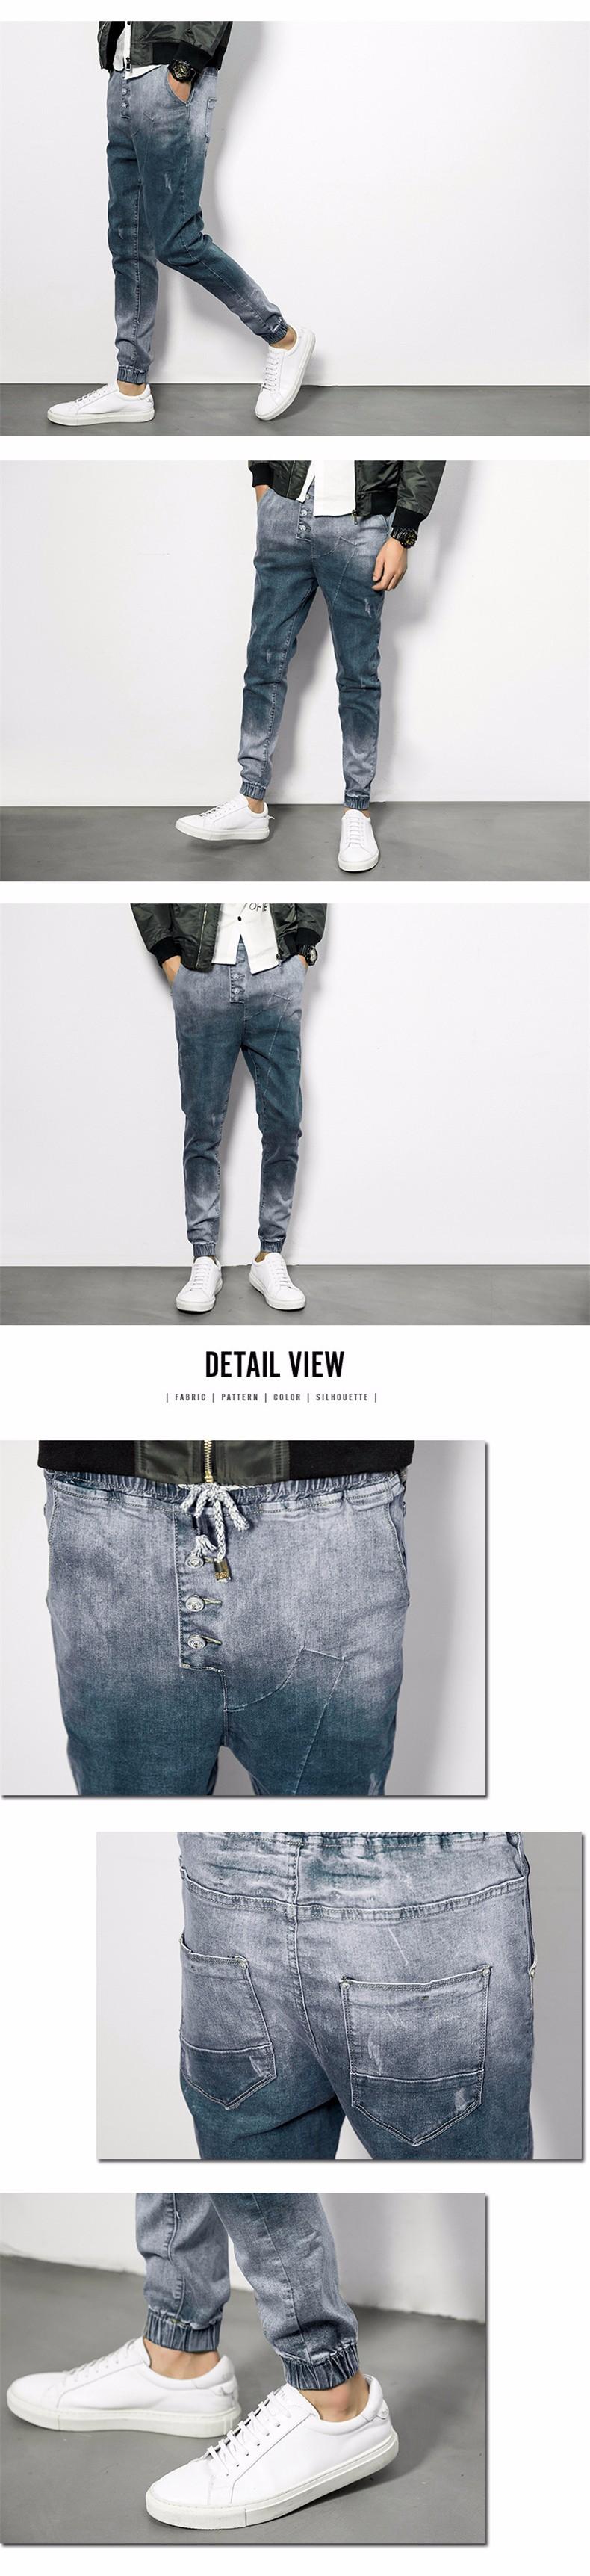 Скидки на Европейский Американский Стиль Мужчин Джинсы Гарем Брюки мужские Джинсовые брюки Хлопок 2016 Модный Бренд Джинсы Мужчин Плюс Размер M-4XL 5XL